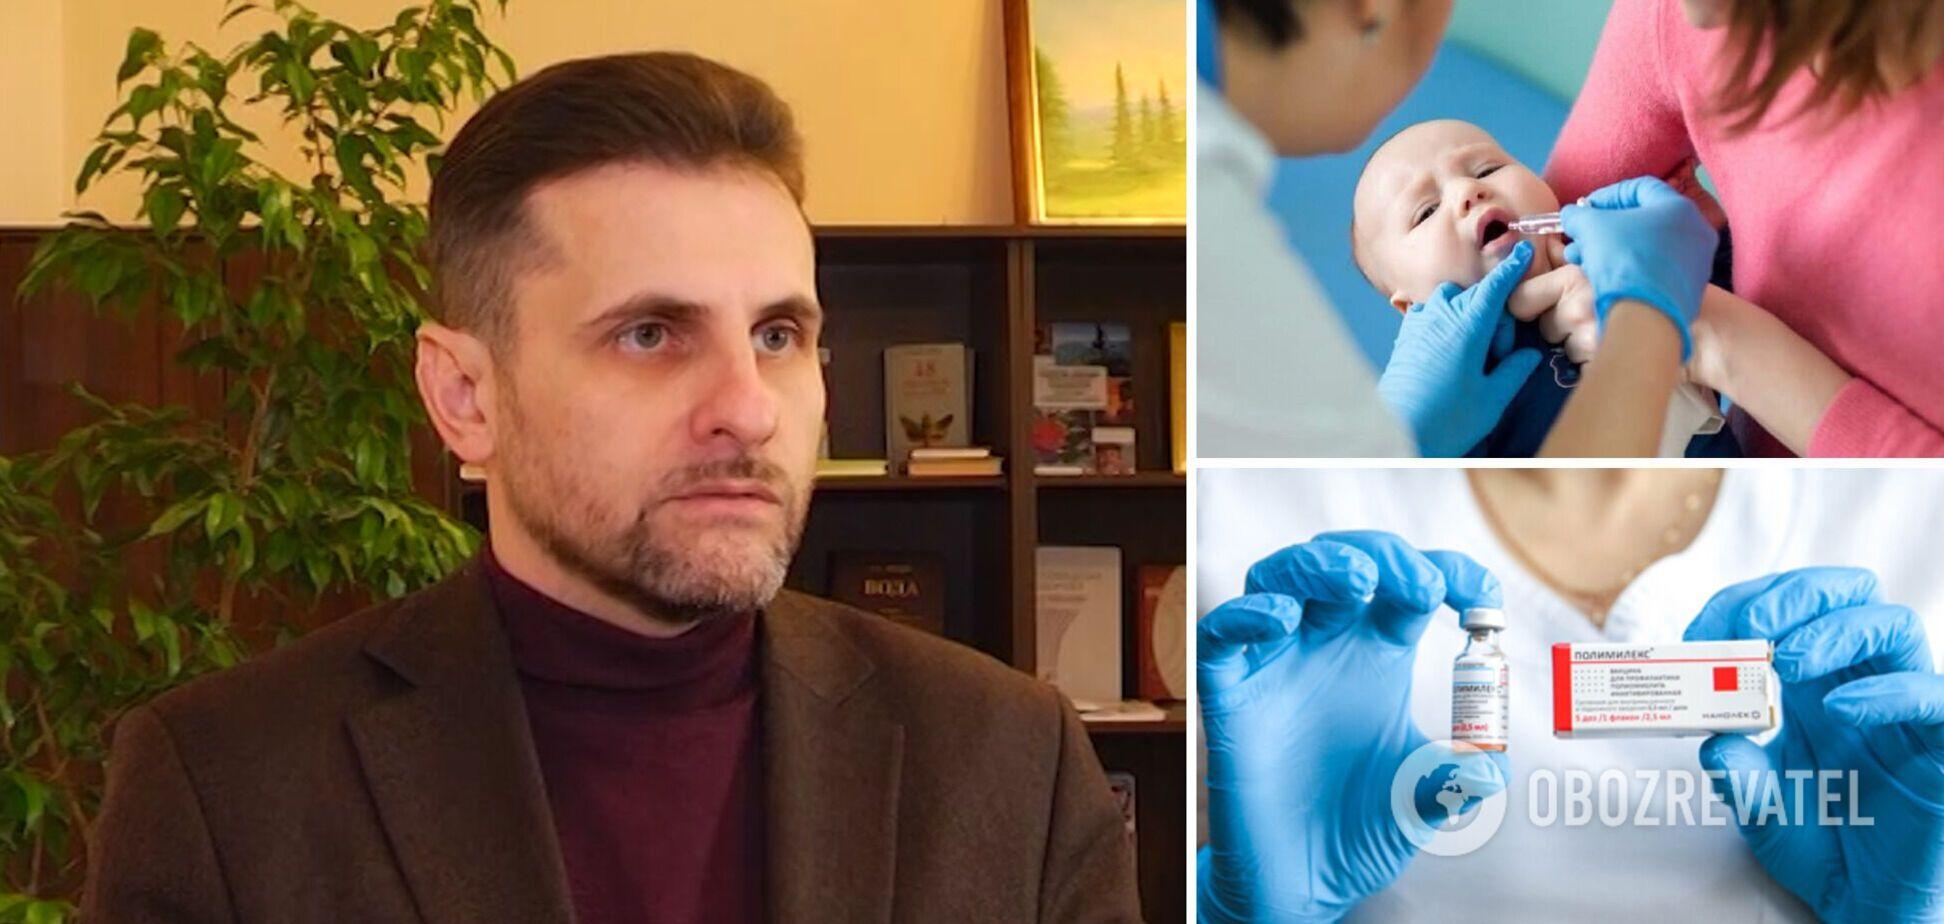 Жителі Рівненщини відмовилися щеплювати дітей проти поліомієліту, повідомив Сафонов